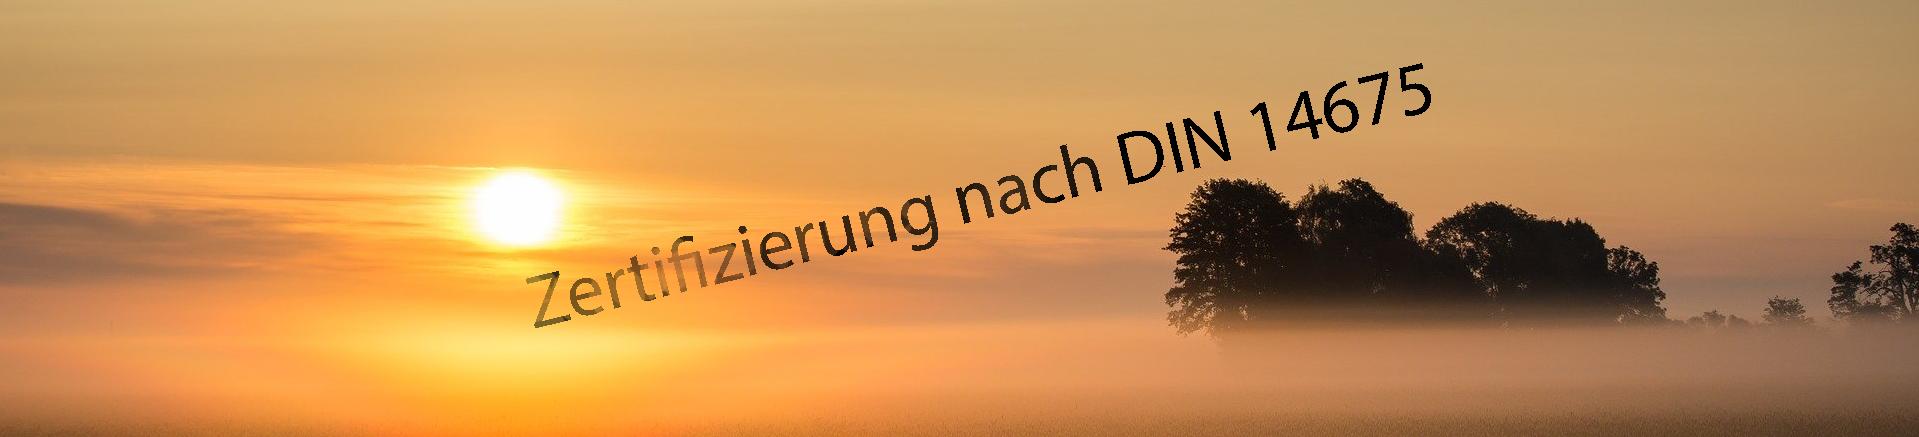 Nebelbid in orange-gelb. Hinter dem Dunst (Nebel) geht die Sonne unter. Aus dem Nebel taucht eine Schriftzug auf: Zertifizierung nach DIN 14675